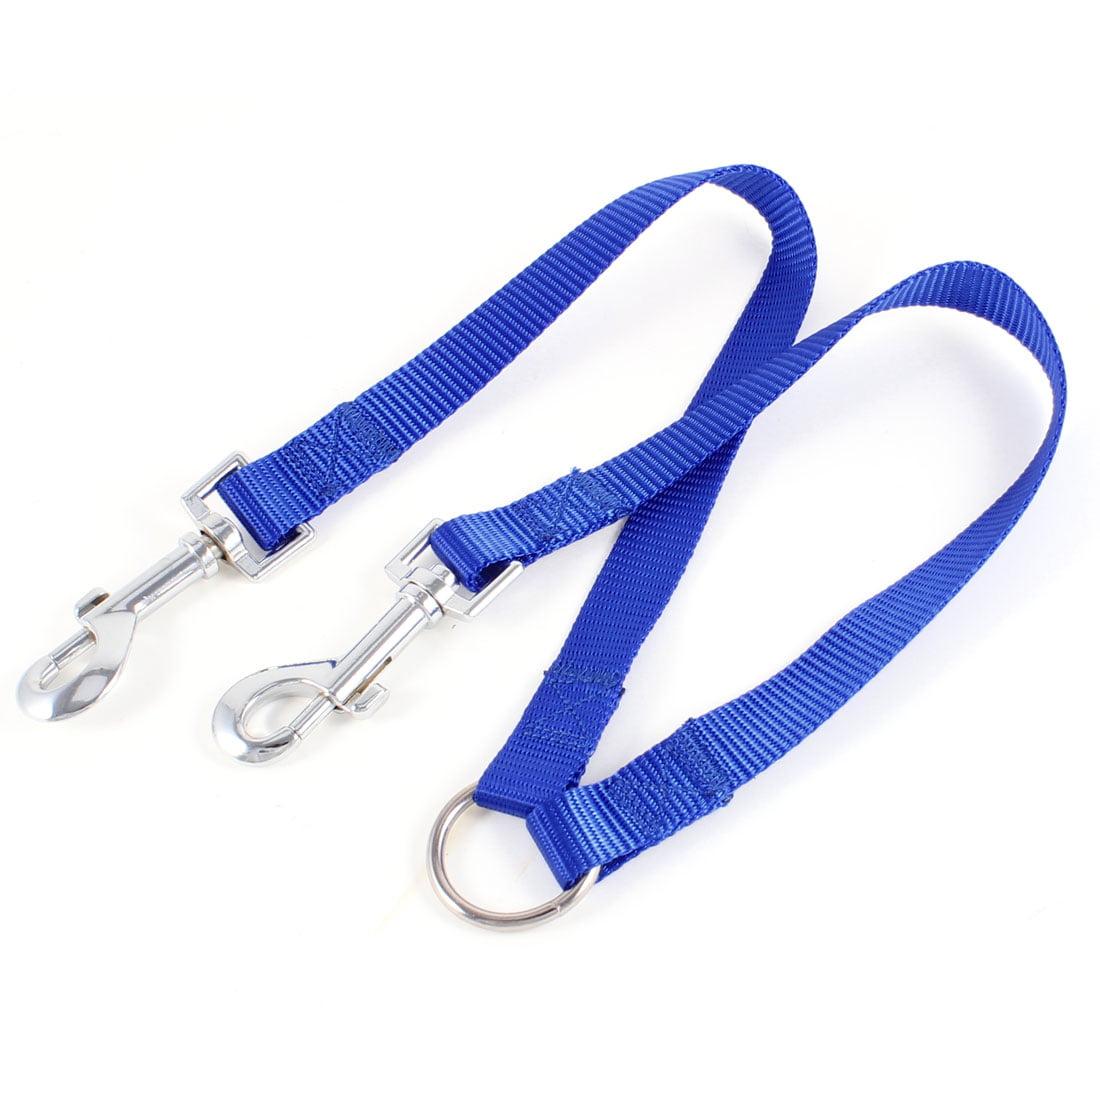 Unique Bargains Nylon 18mm Width Walk Double Dog Dual Lobster Clasp End Pet Leash Blue